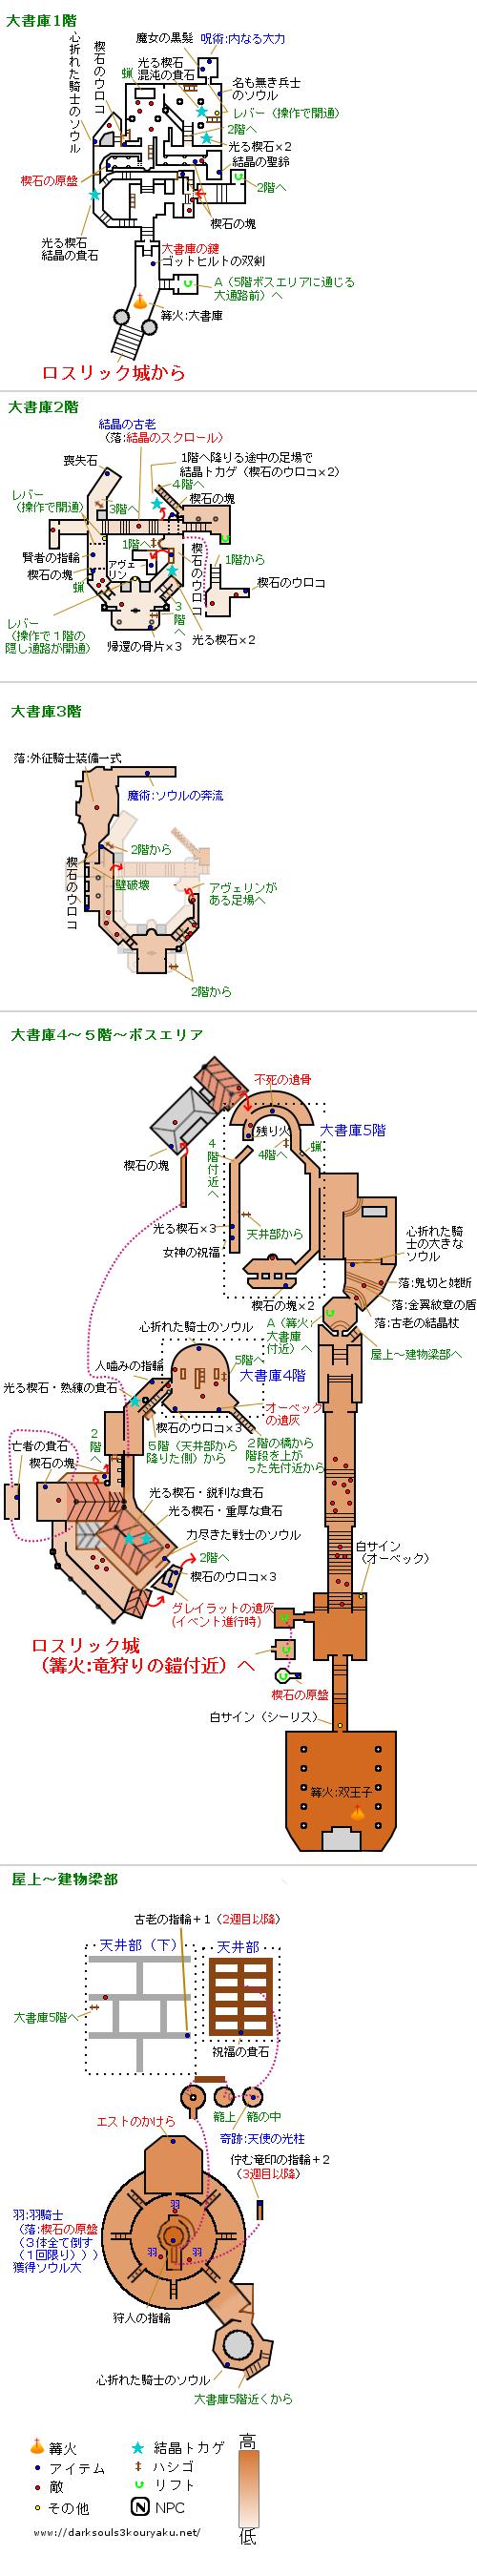 ダークソウル3 大書庫 攻略マップ モバイル